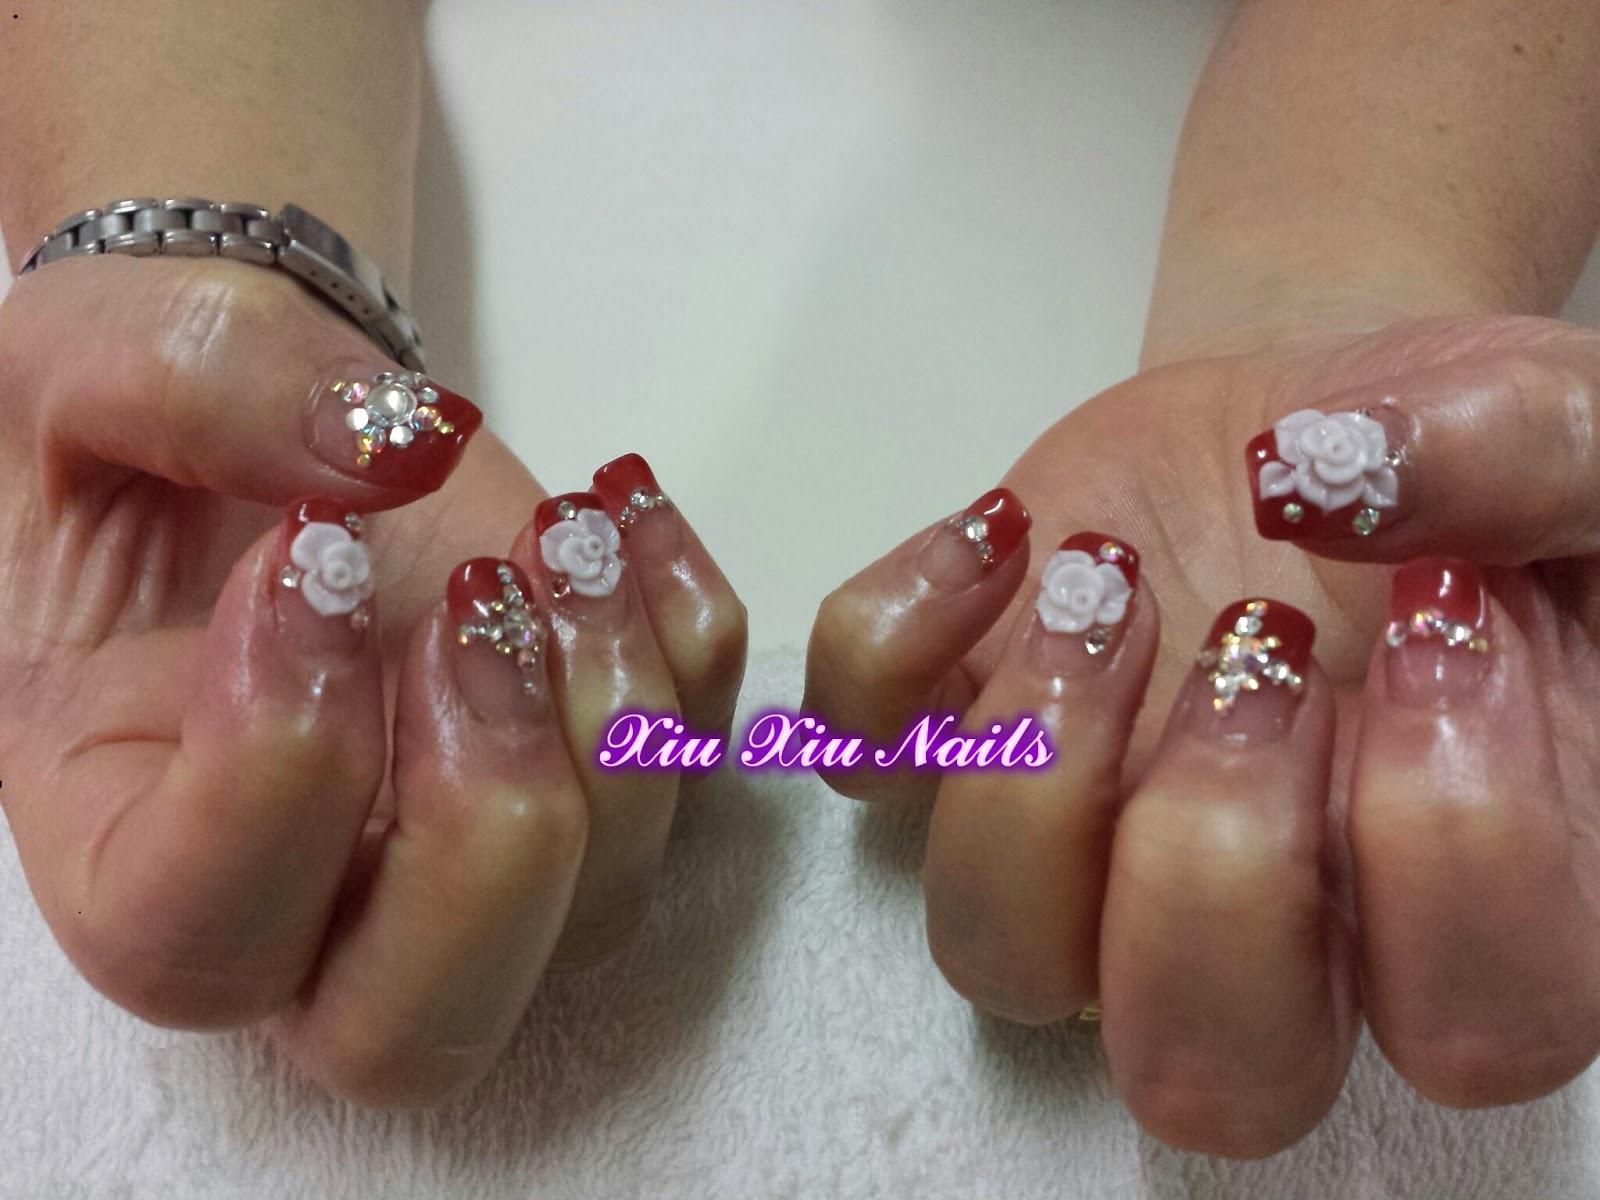 Xiu Xiu Nails Cny 2014